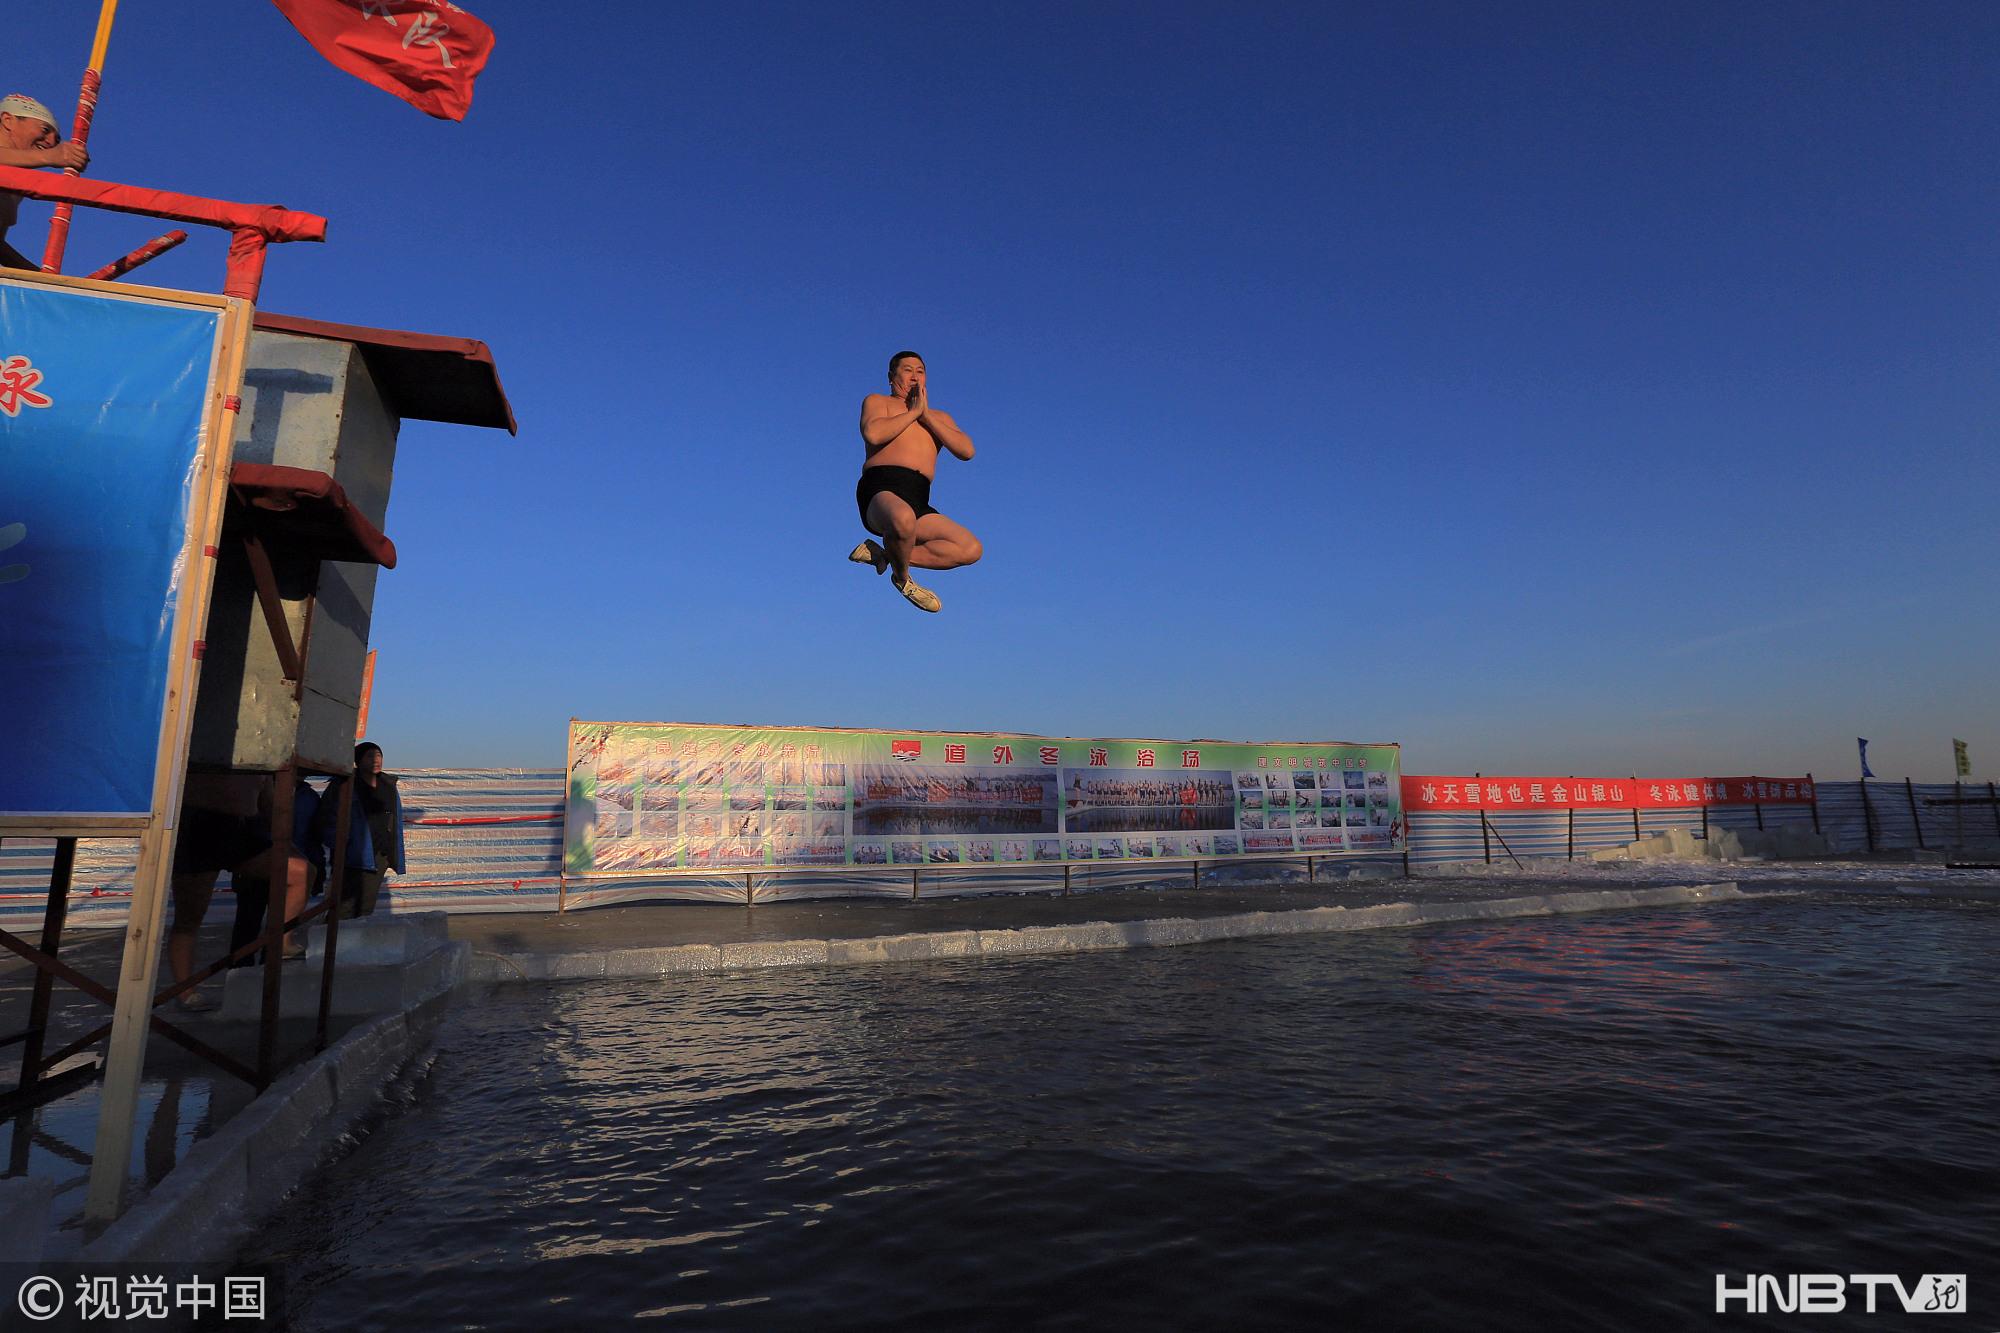 哈尔滨:十米深航道破冰开游 中国最冷晨泳池入冬首秀(组图)